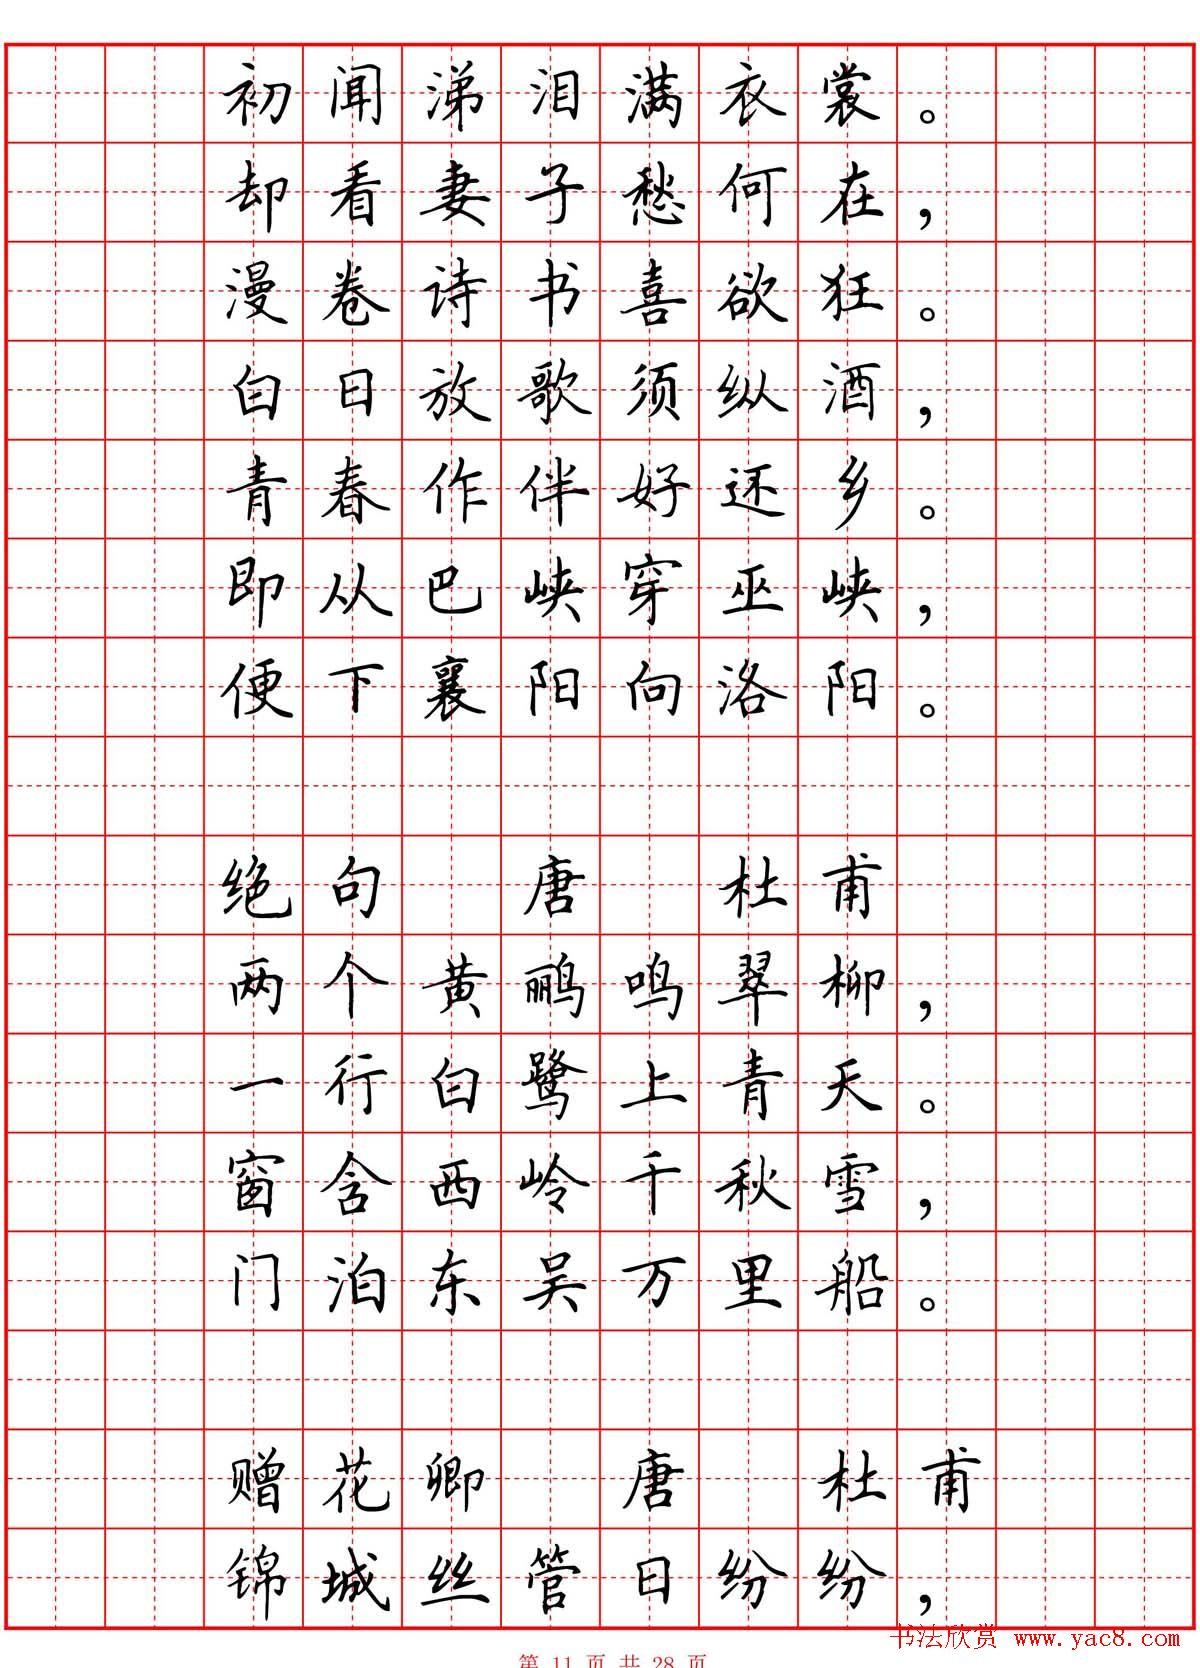 硬笔书法字帖《小学生必背古诗词八十首》(11)